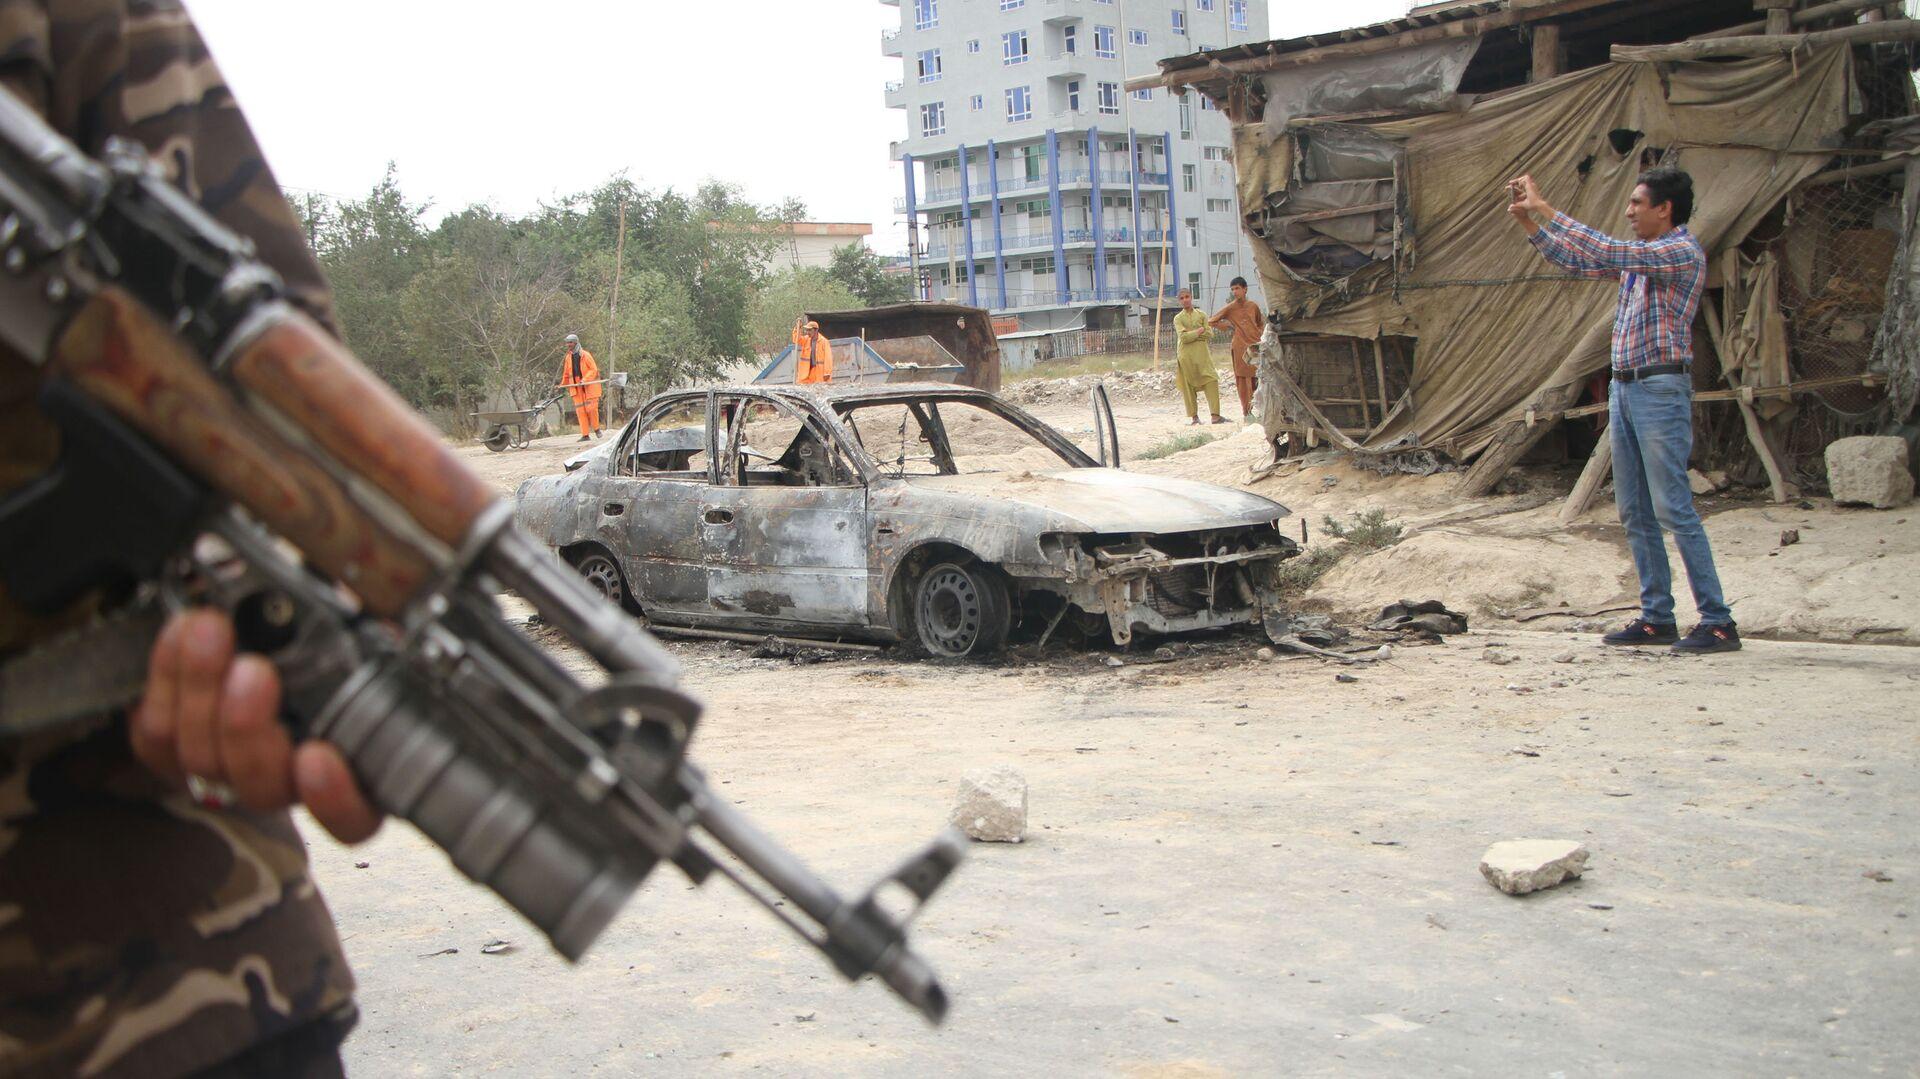 Situation en Afghanistan après le retour des talibans* au pouvoir, août 2021 - Sputnik France, 1920, 02.09.2021